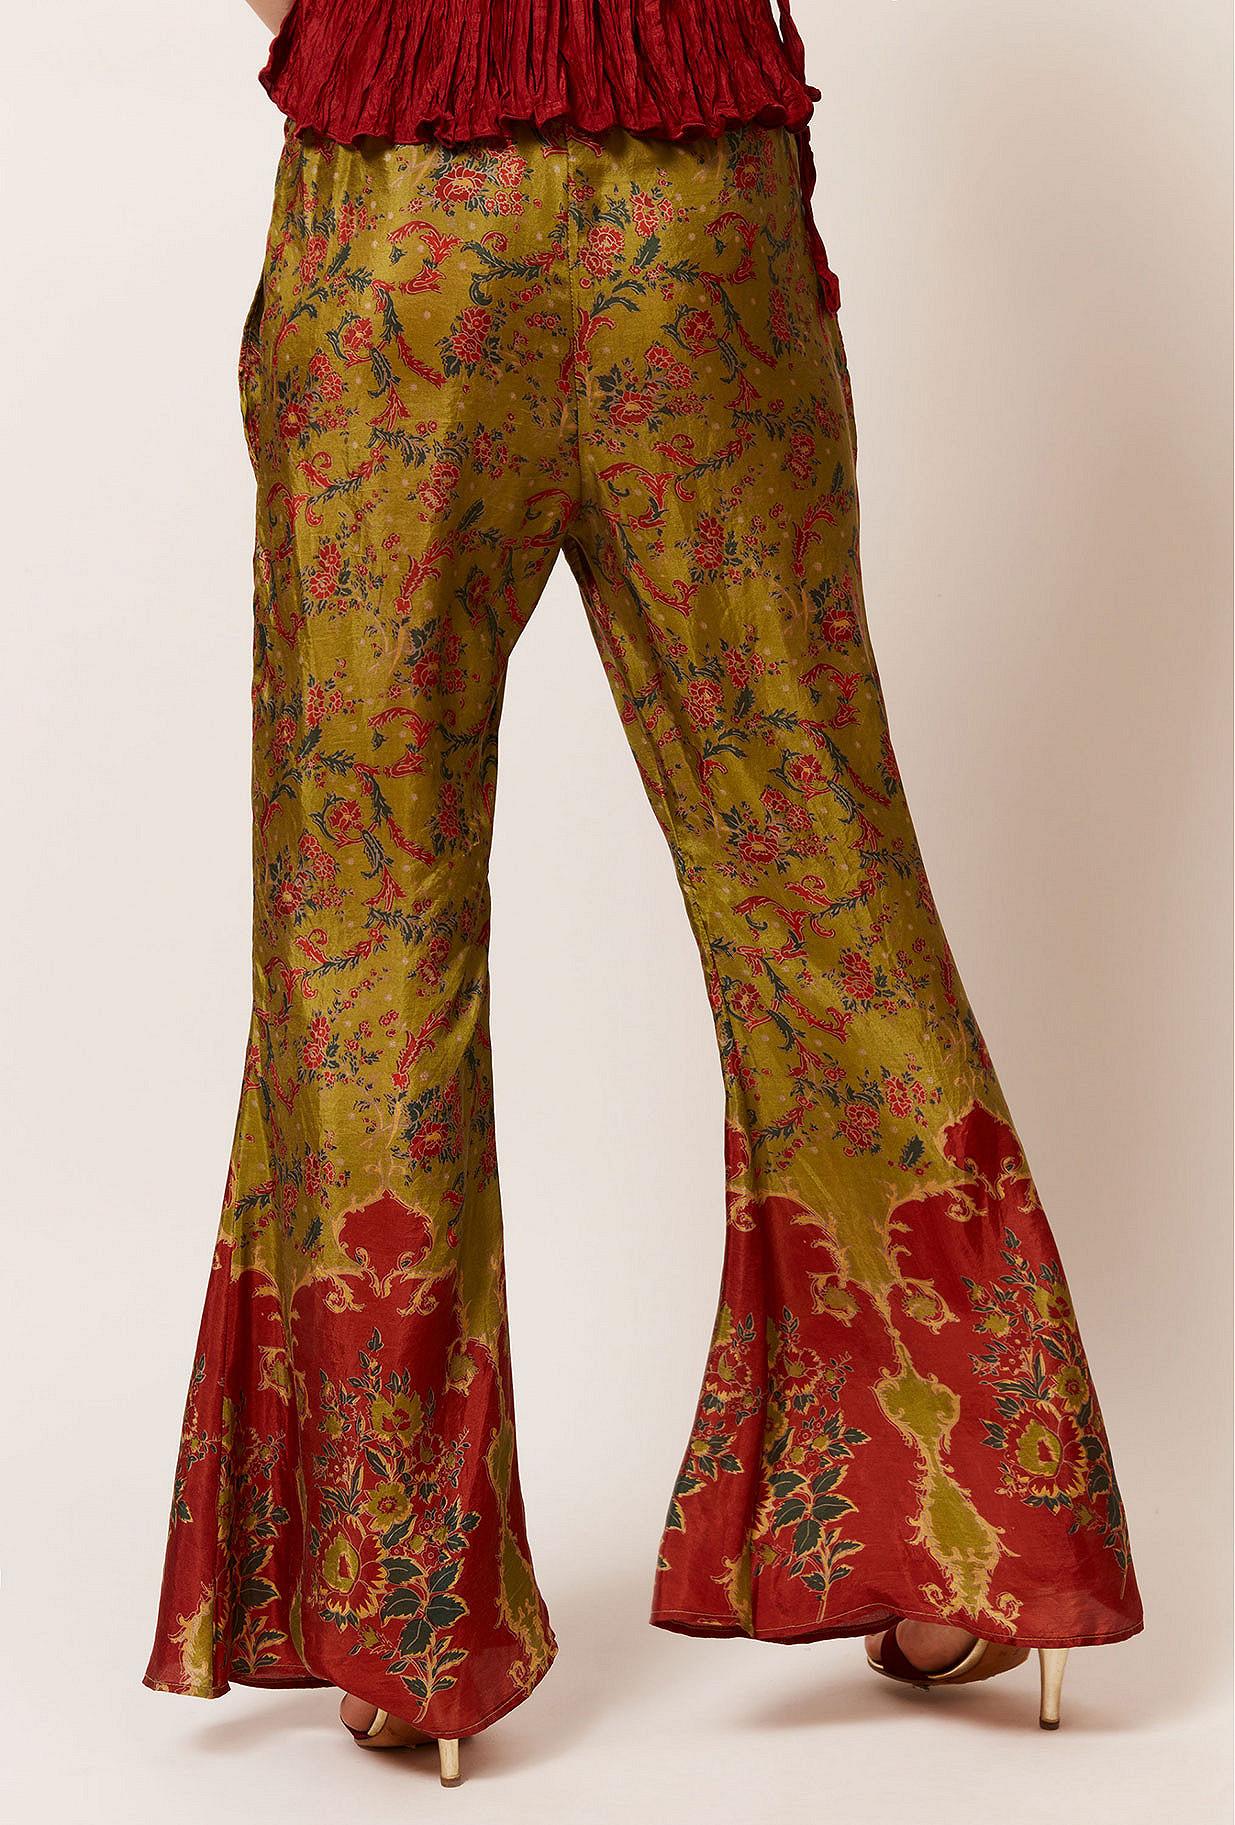 Paris clothes store Pant Django french designer fashion Paris